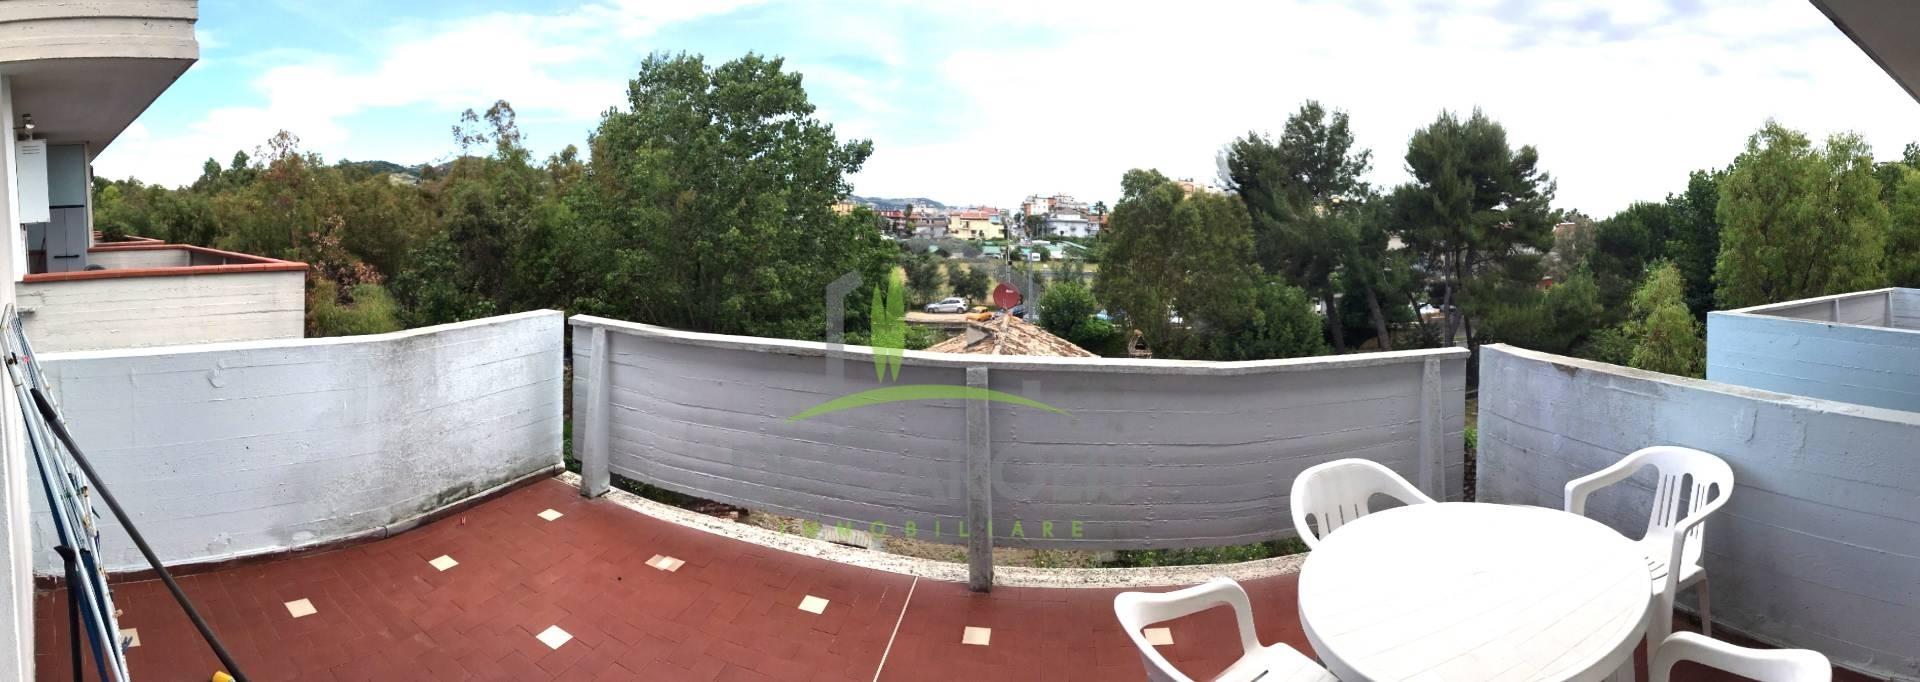 Appartamento in vendita a San Benedetto del Tronto, 3 locali, zona Località: PortodAscoli, prezzo € 126.000   PortaleAgenzieImmobiliari.it